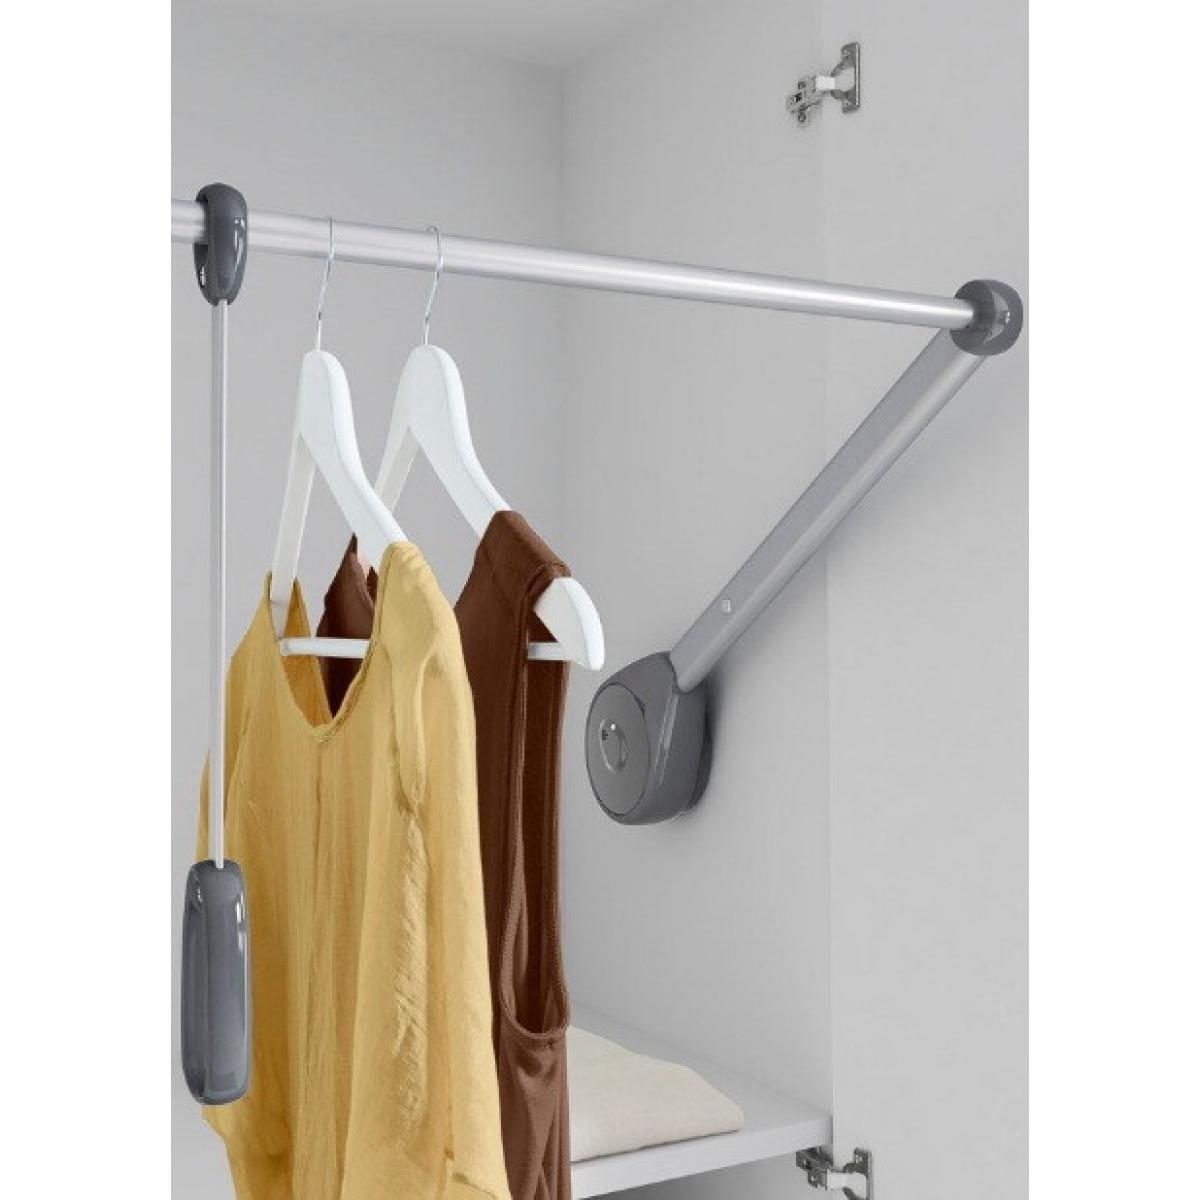 AMBROGIO Пантограф - лифт одежды в проем 500-750 мм, нагр.14 кг. цвет серый; Производитель: VIBO ИТАЛИЯ